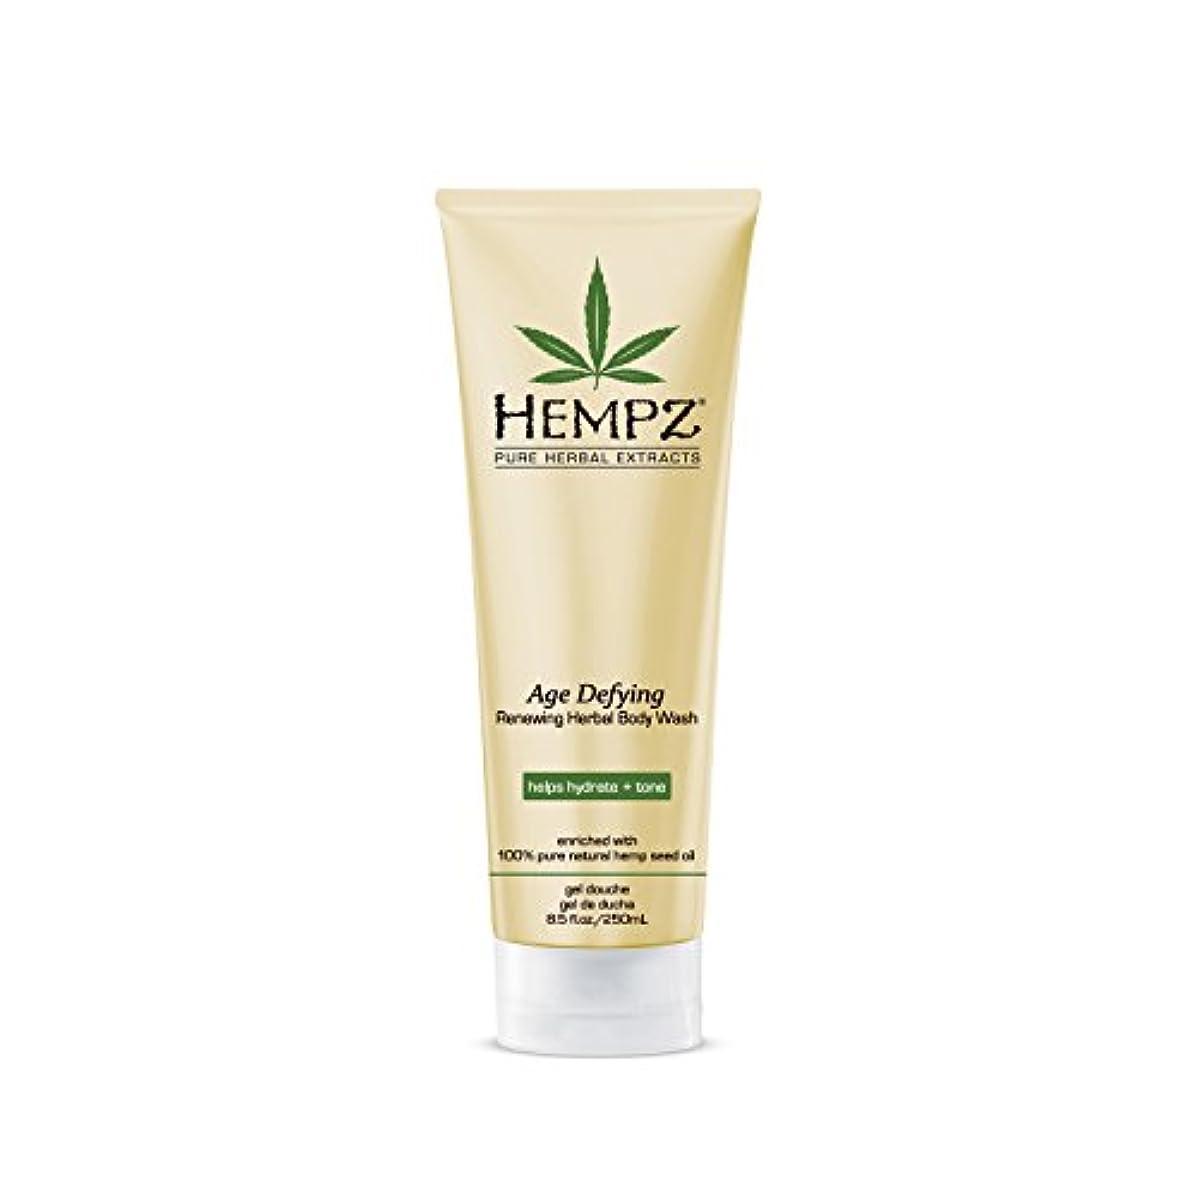 想像するピジンシャッターHempz Age Defying Herbal Body Wash, Off White, Vanilla/Musk, 8.5 Fluid Ounce